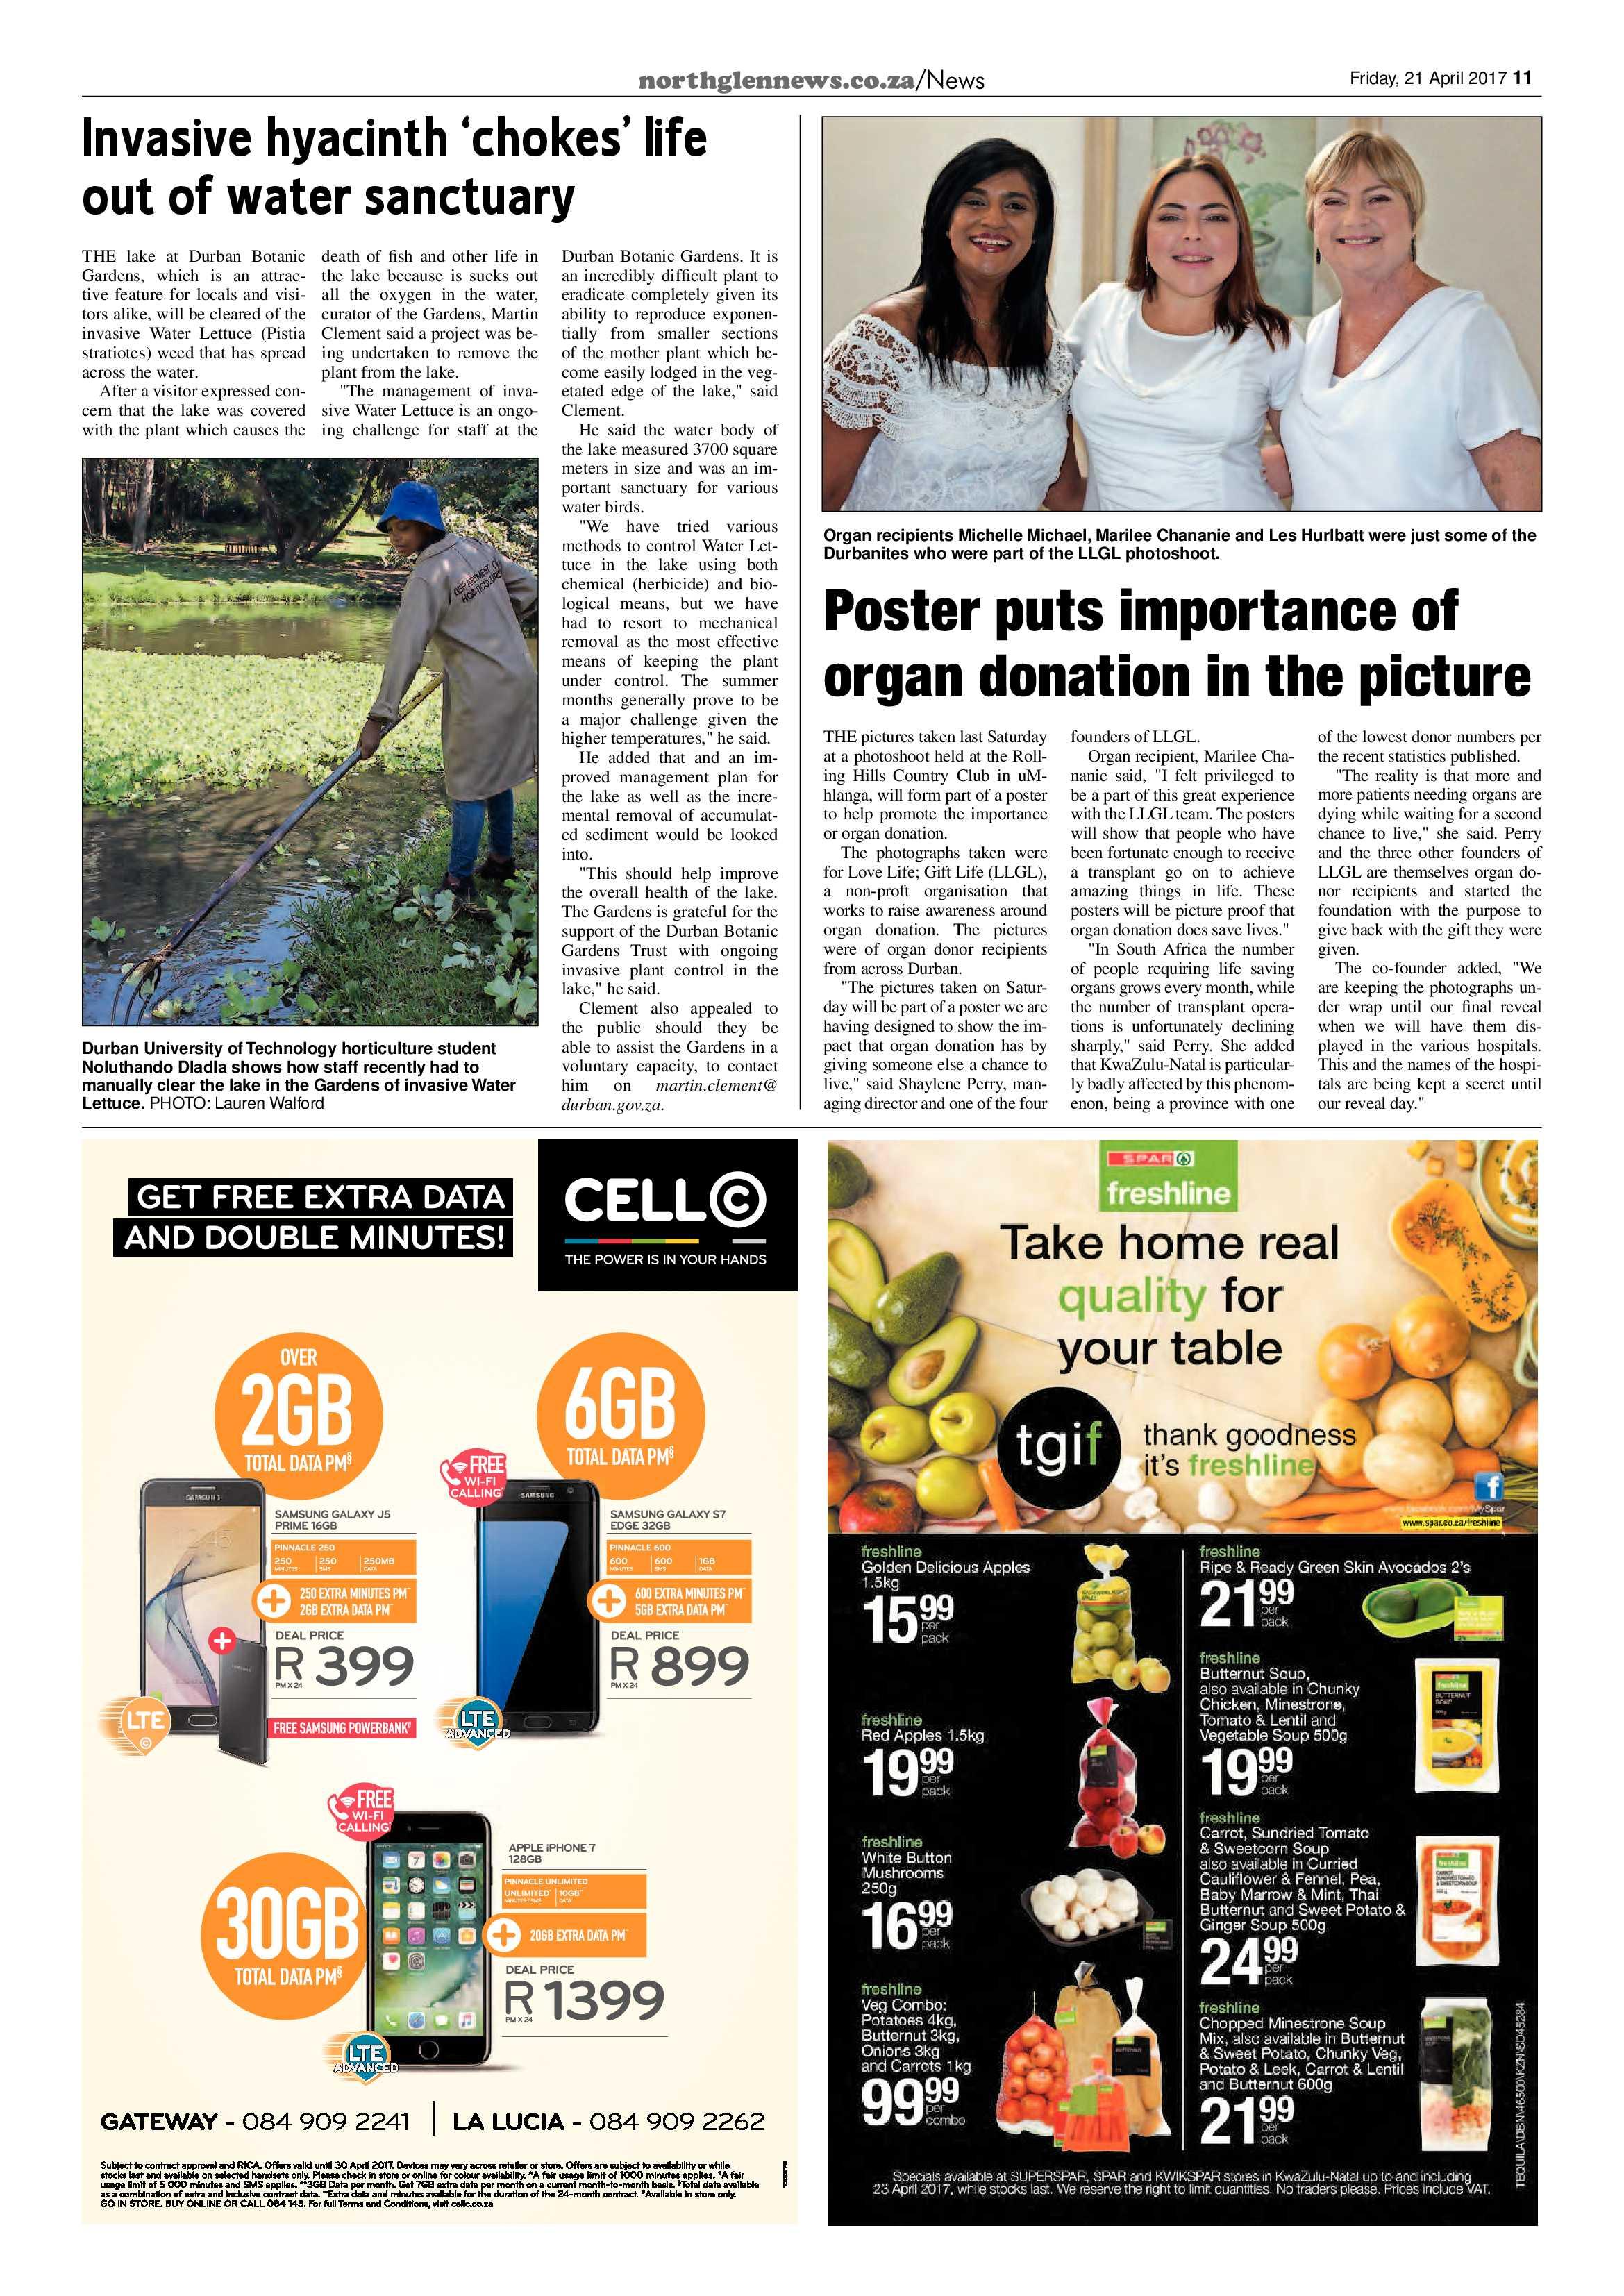 northglen-news-21-april-2017-epapers-page-11